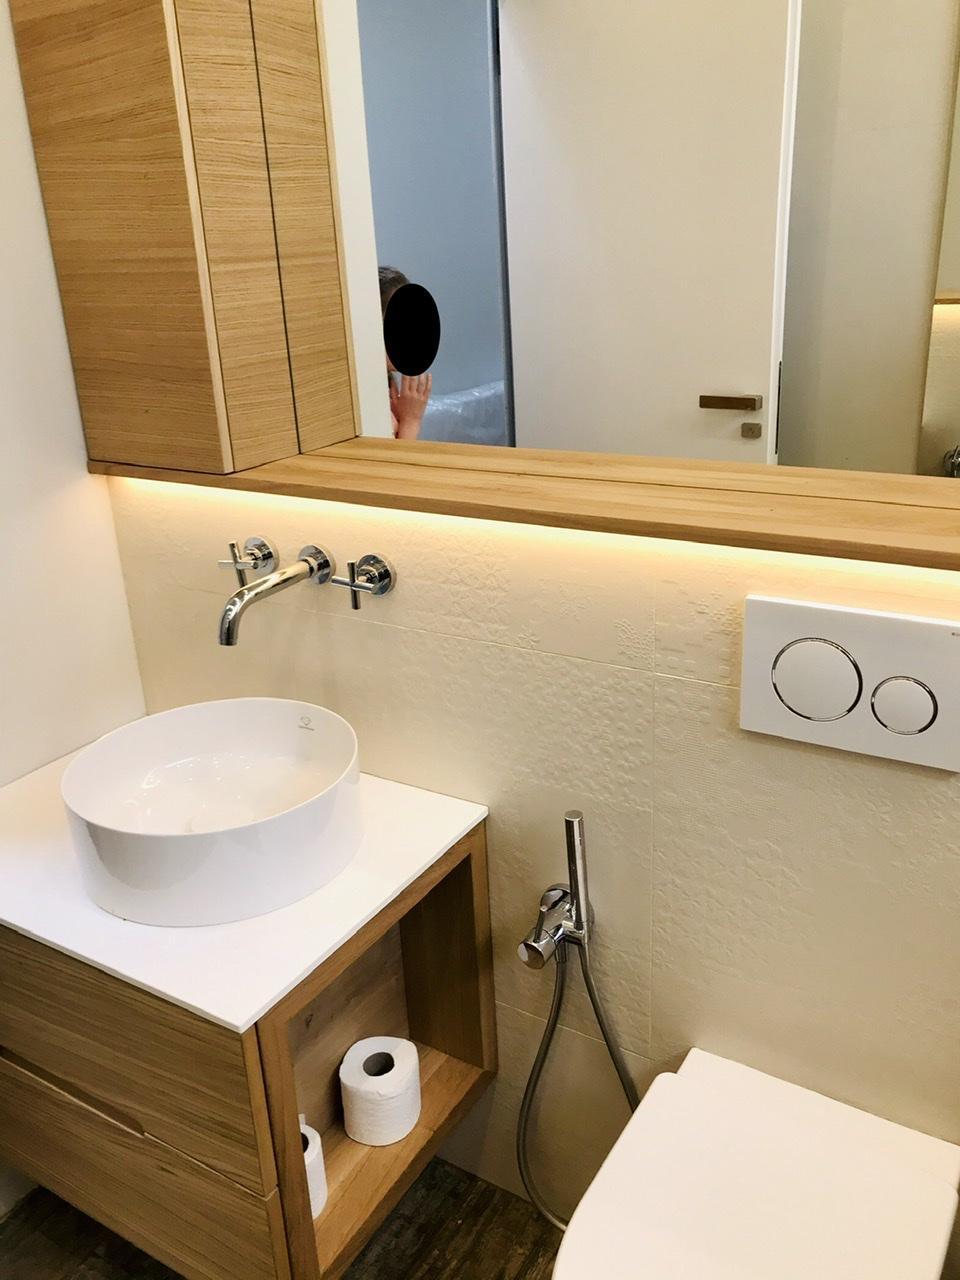 Naše L-ko - 2021 - stále dokončujeme - Dokončený komplet nábytok v malej kúpelni - dubová dýha - v závere prišla ešte horná skrinka, ktorá lícuje hlbku drevenej police.